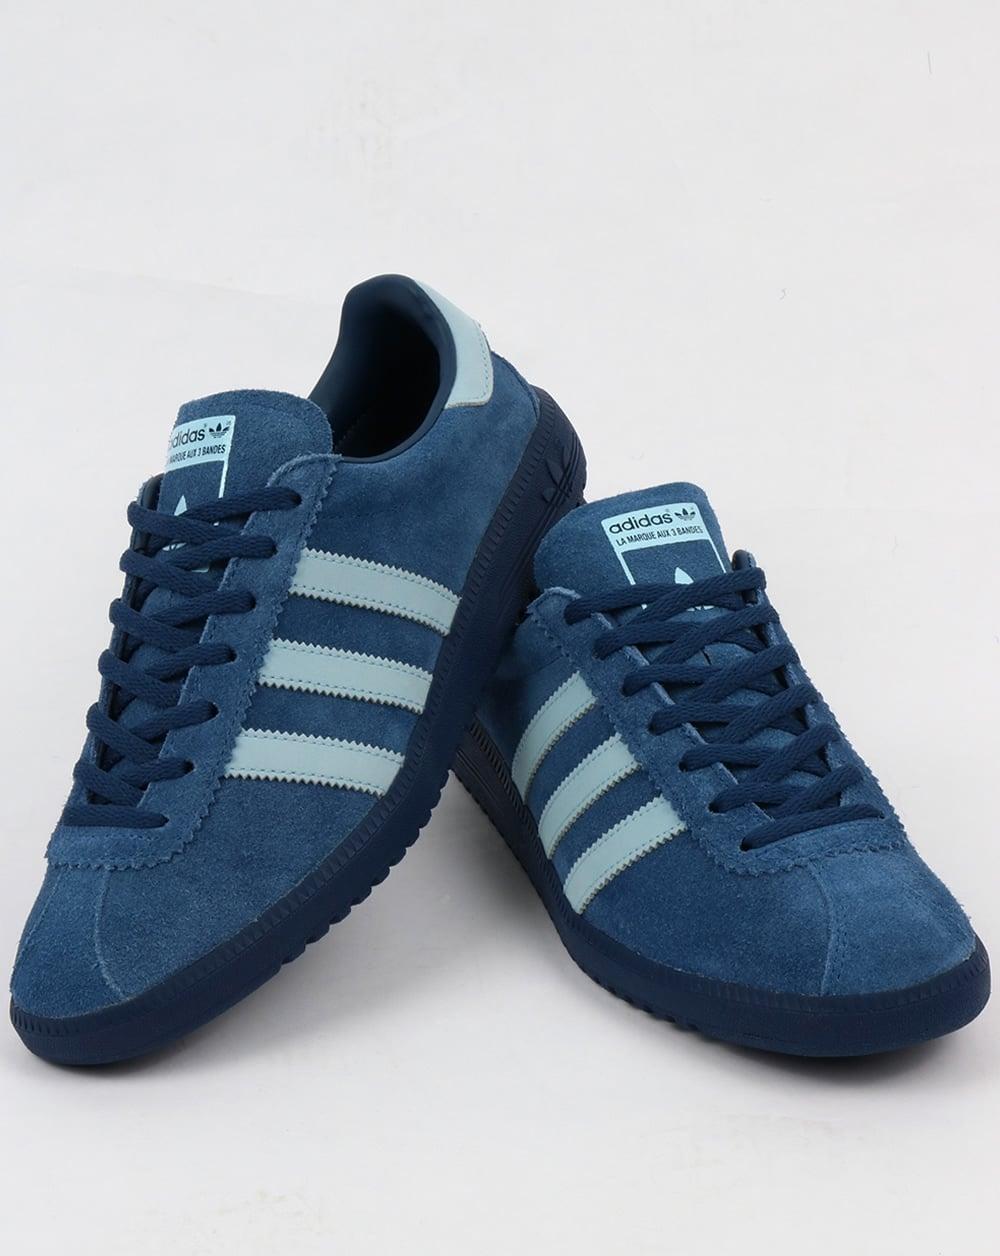 Adidas Bermuda formadores misterio azul / azul claro, hombre , retro, archivo